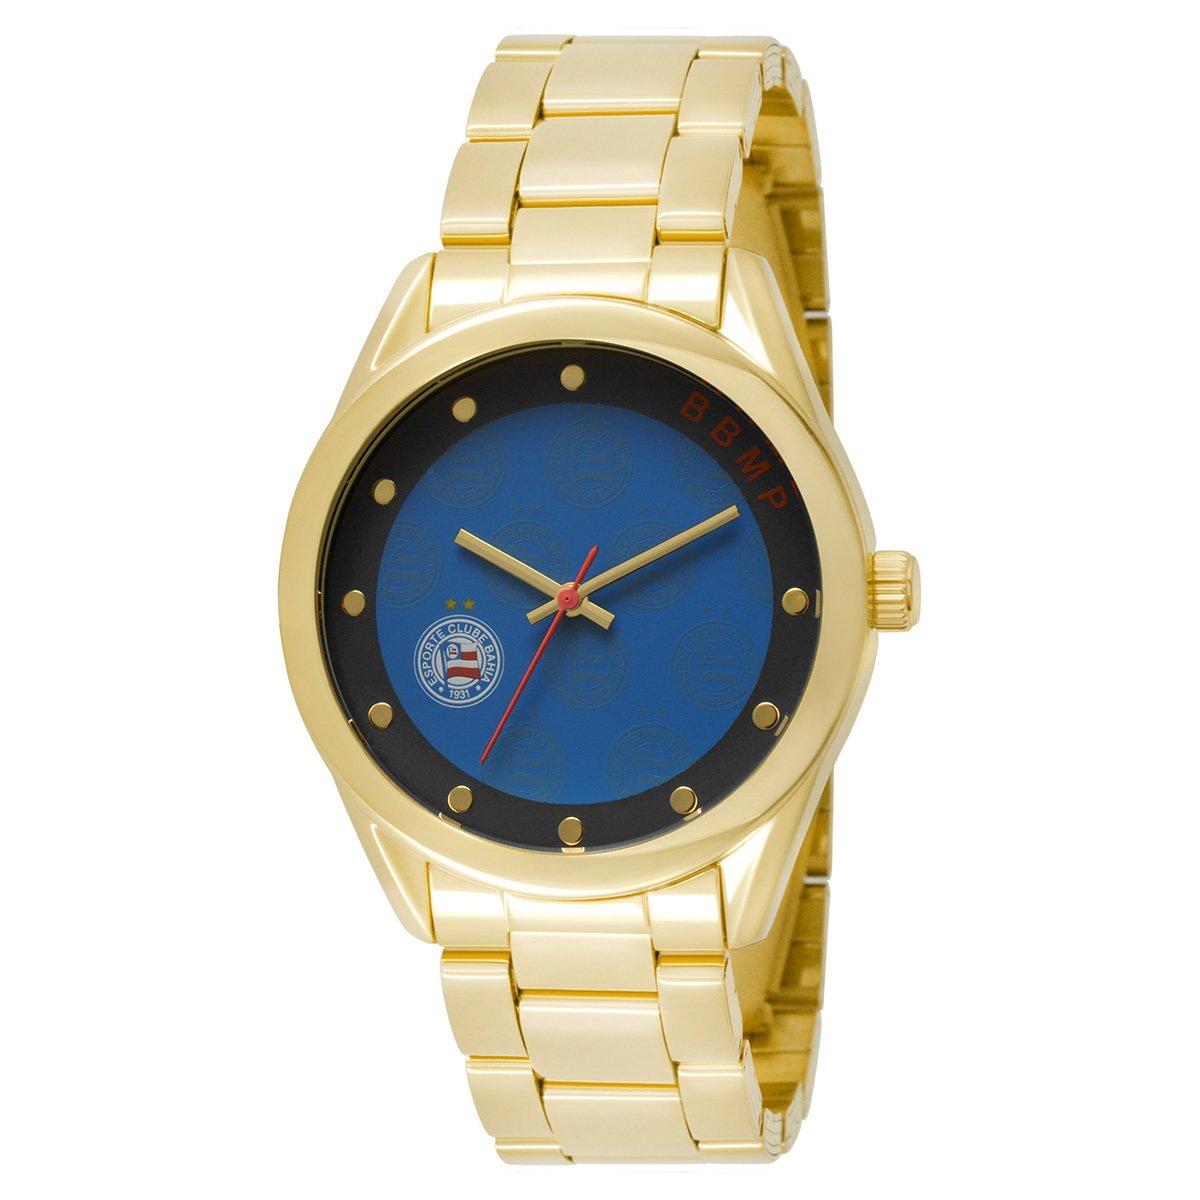 3797fb41d20 Relógio Bahia Technos Analógico 5 ATM Feminino - Dourado e Azul - Compre  Agora